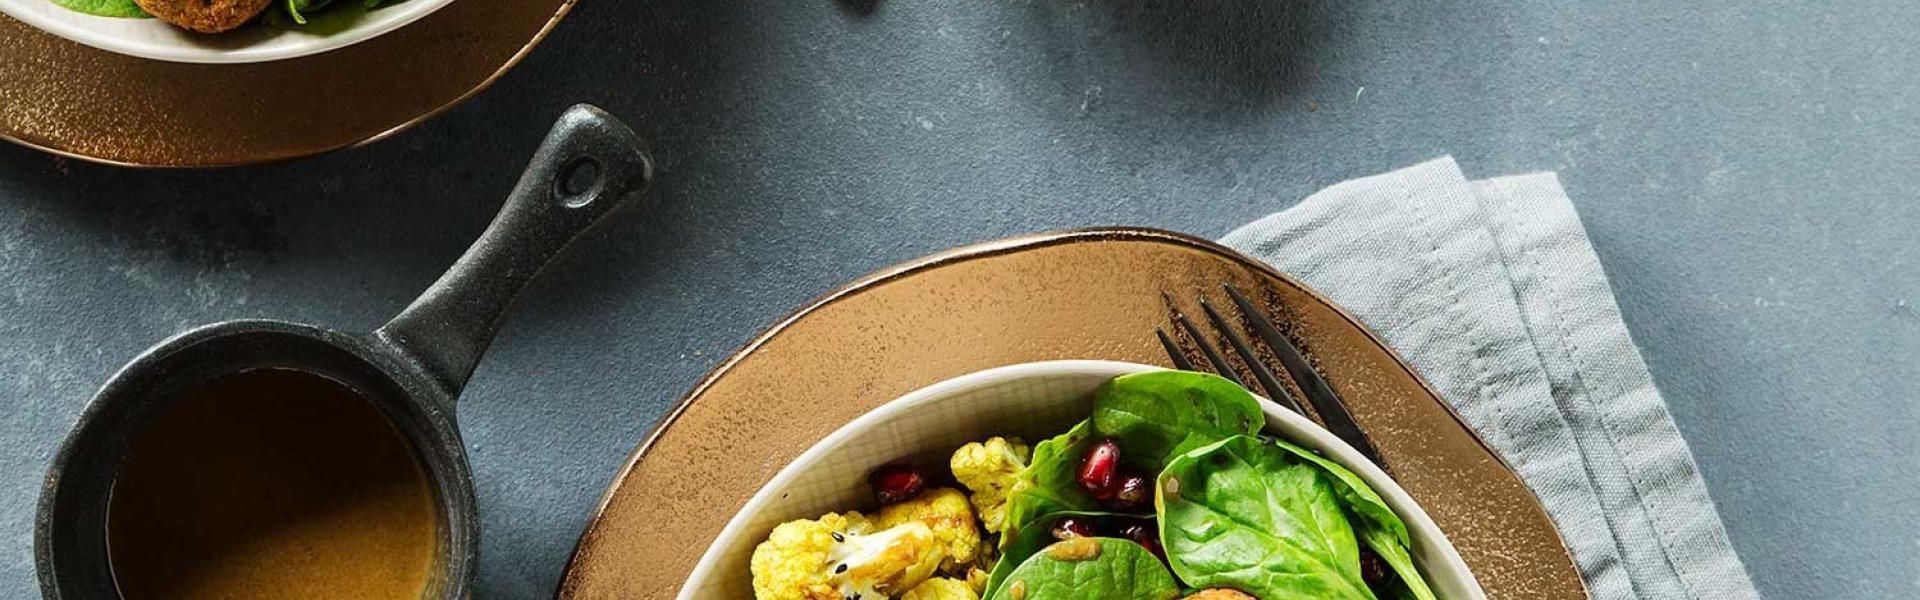 Orientalische Buddha Bowl mit Falafel auf einem Tisch angerichtet.